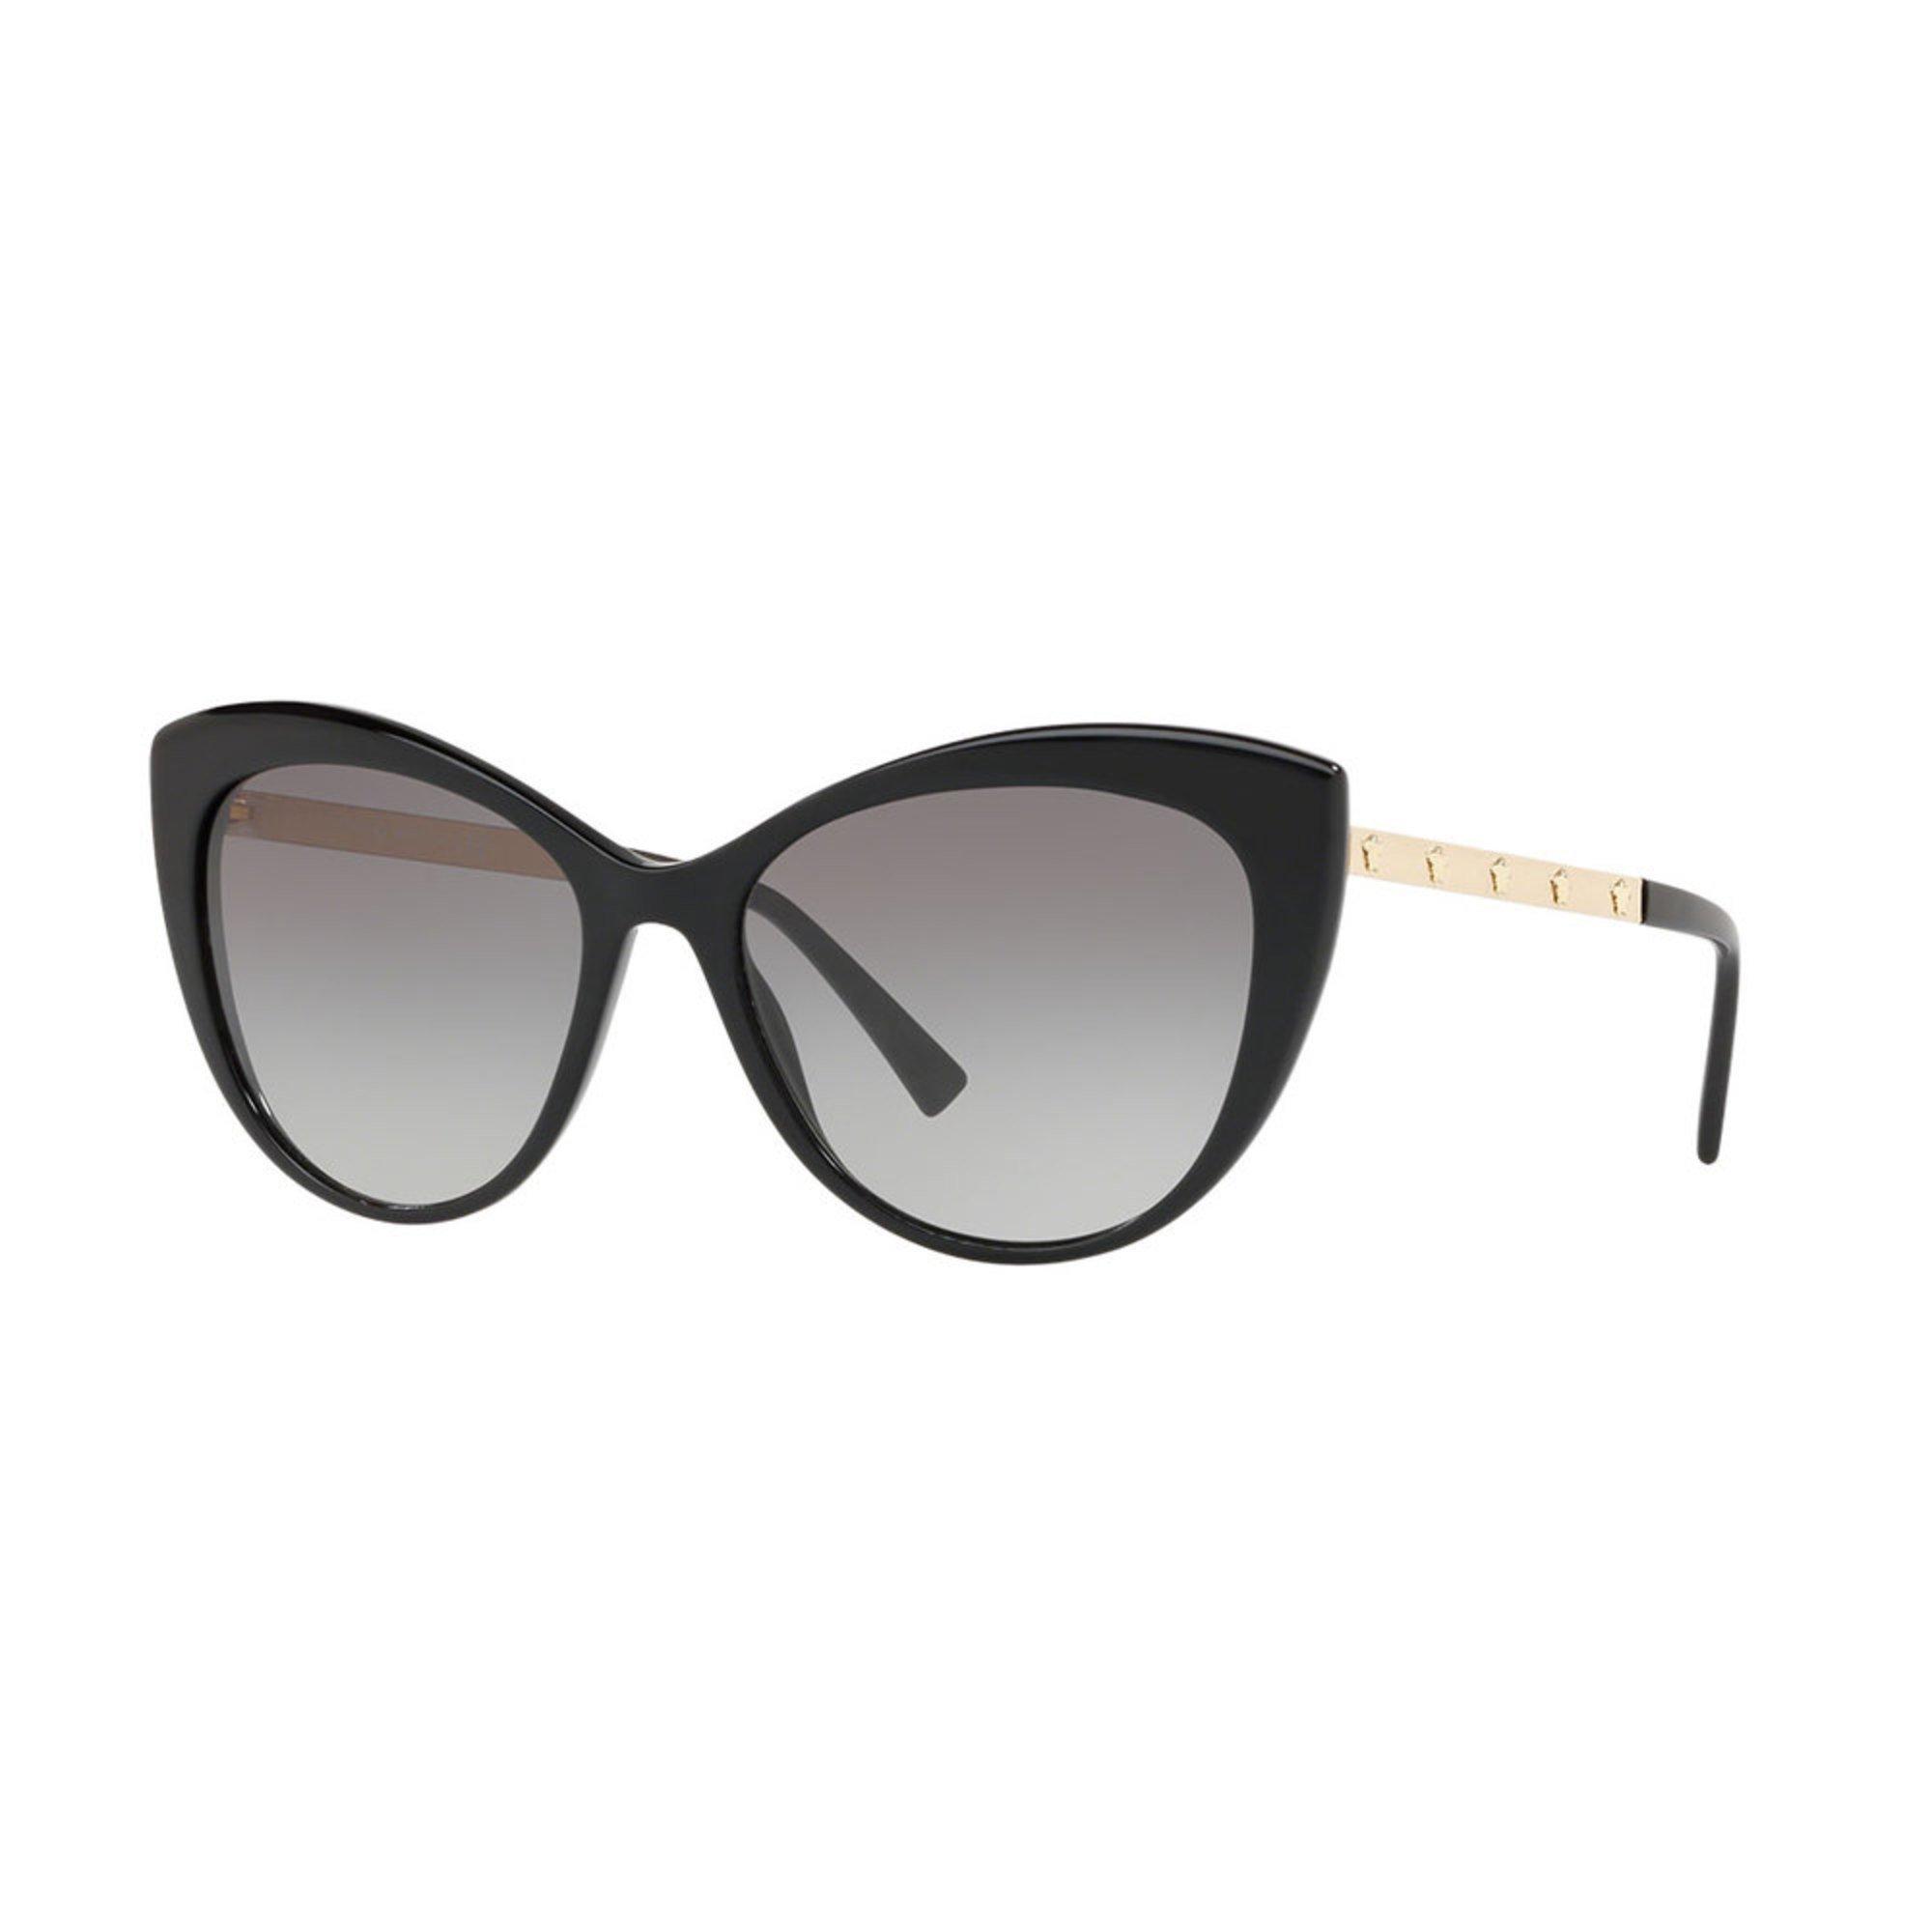 2906c349c9 Versace. Versace Women s Cat Eye Sunglasses